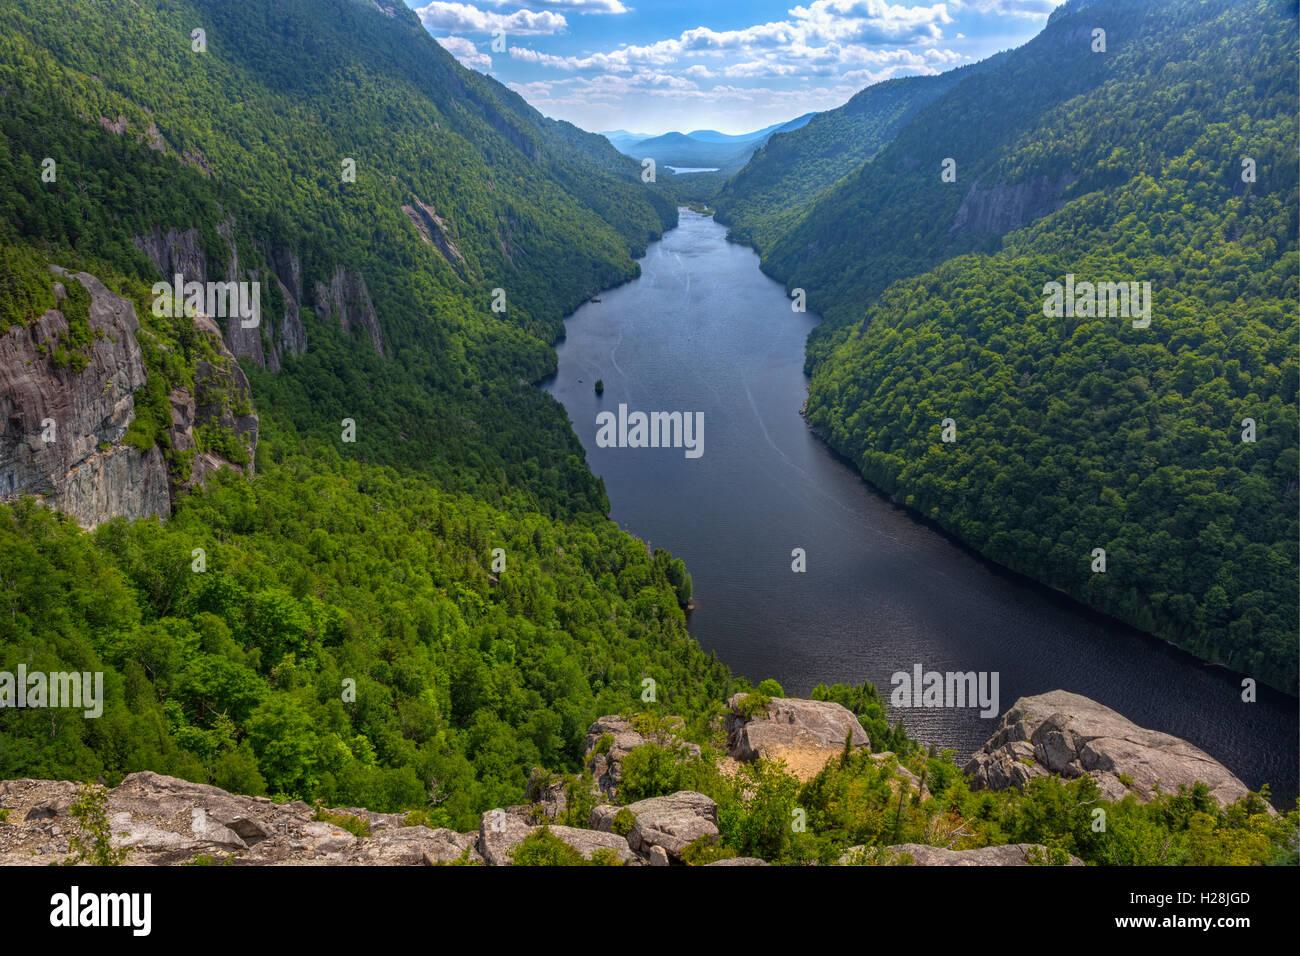 Einen herrlichen Blick auf den Untersee Ausable vom Indian Head Aussichtspunkt in der Region von hohen Gipfeln der Stockfoto